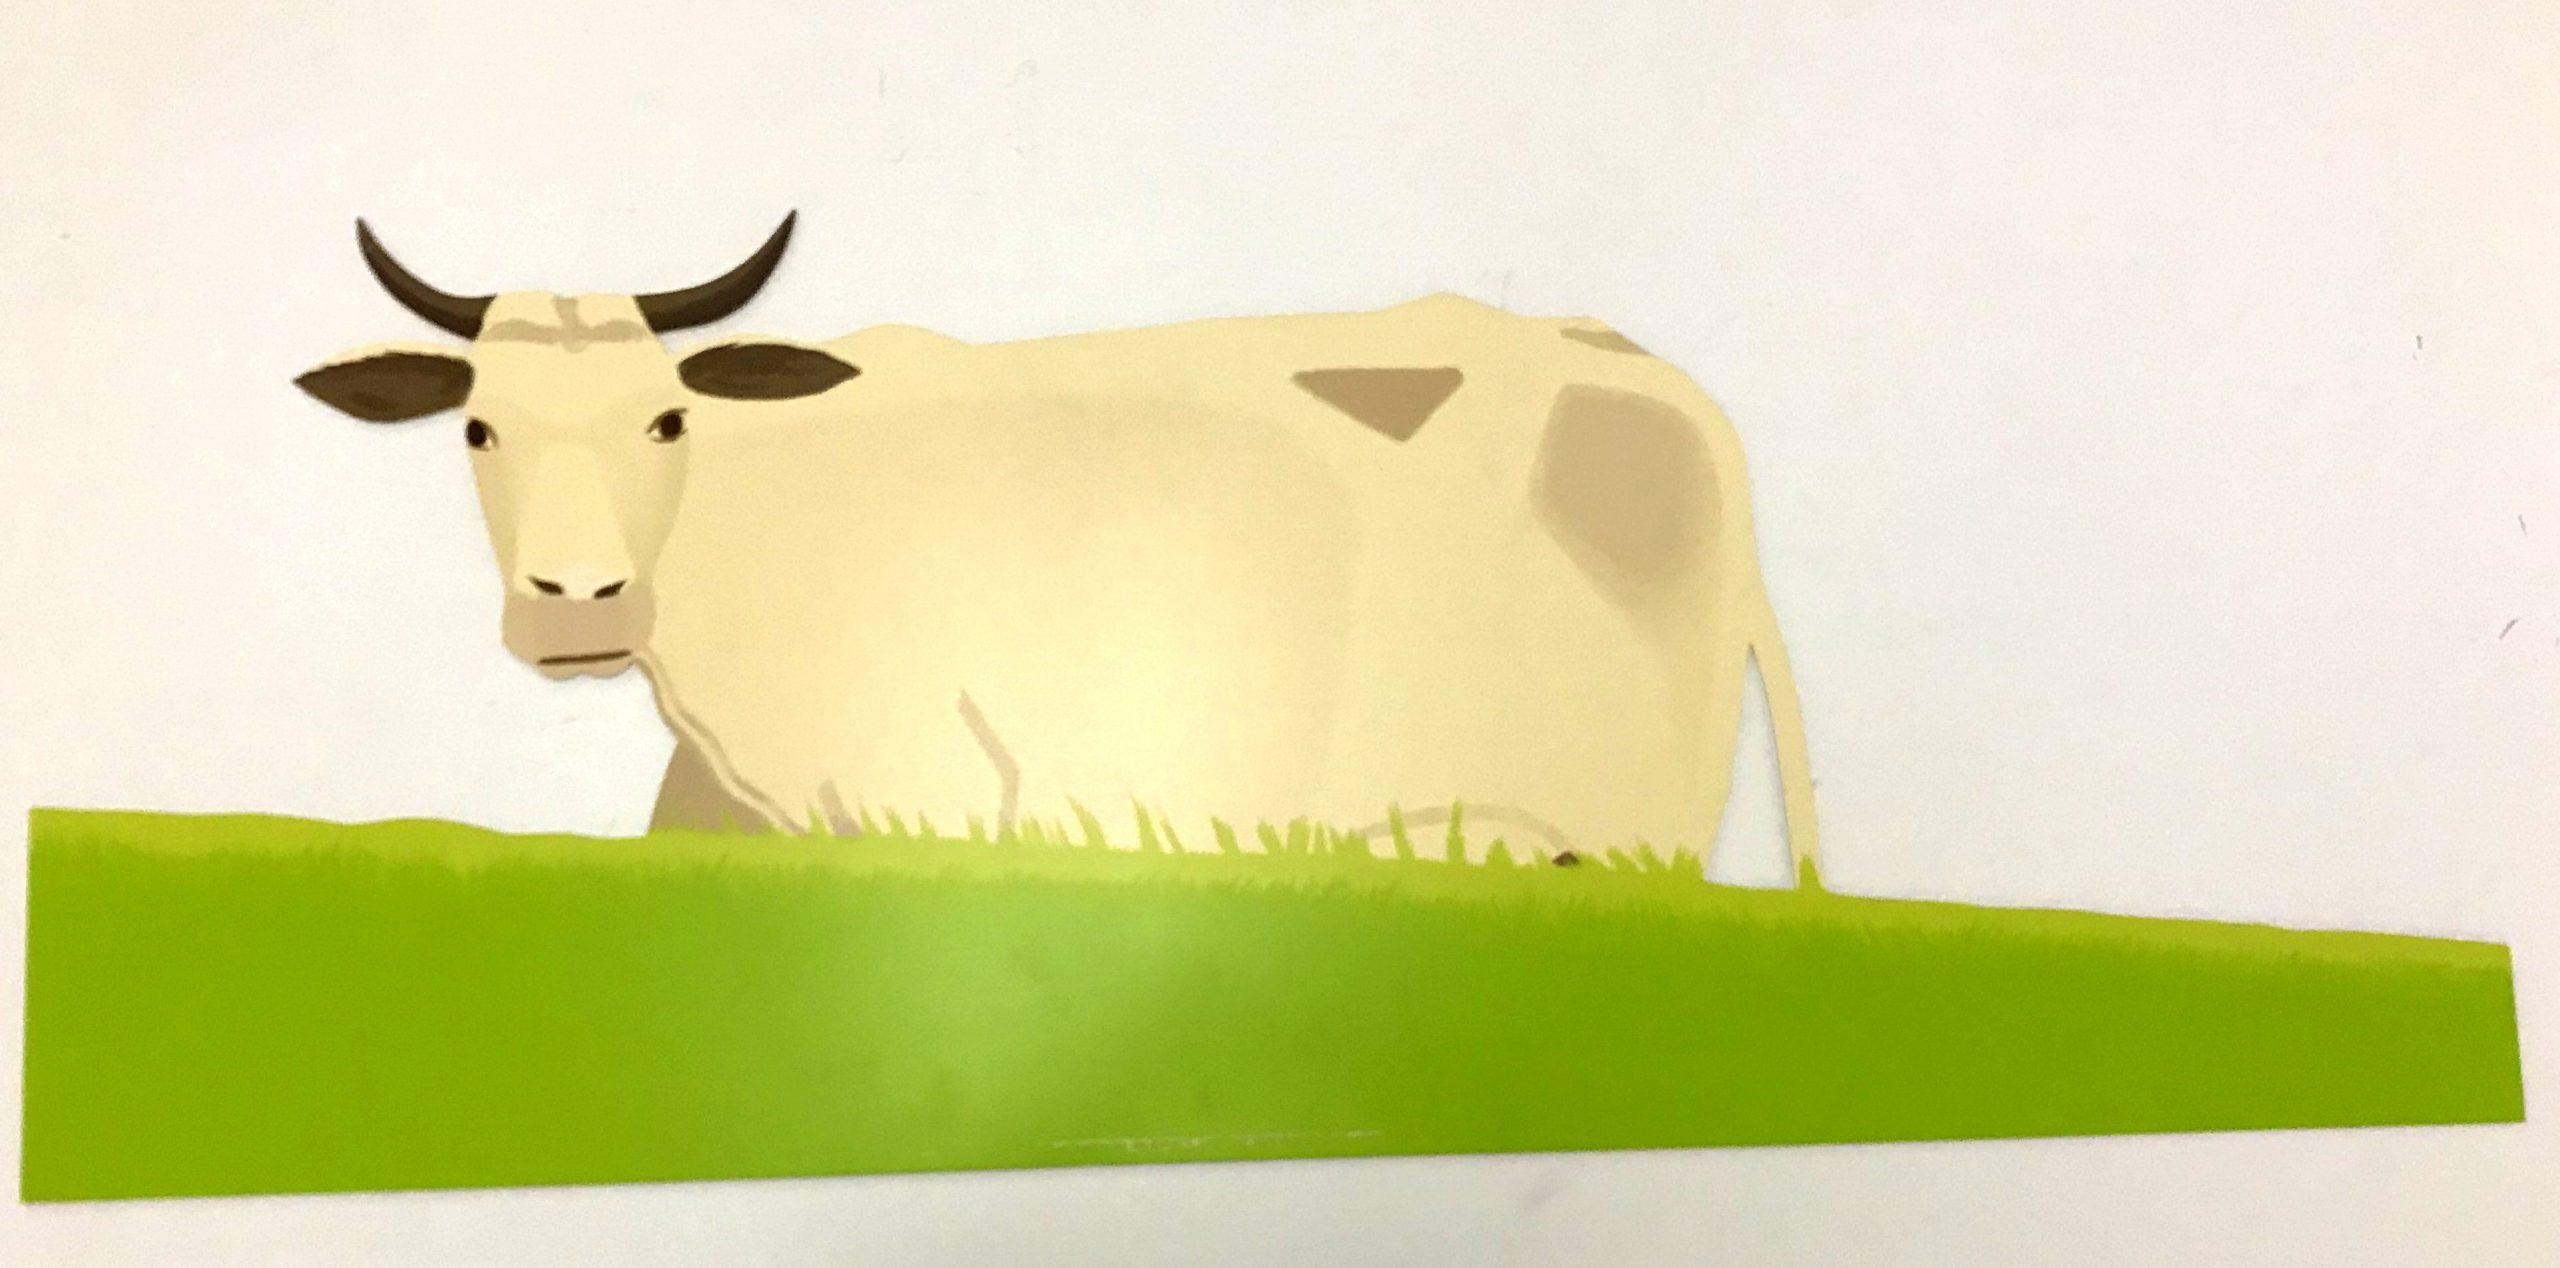 Cow by Alex Katz